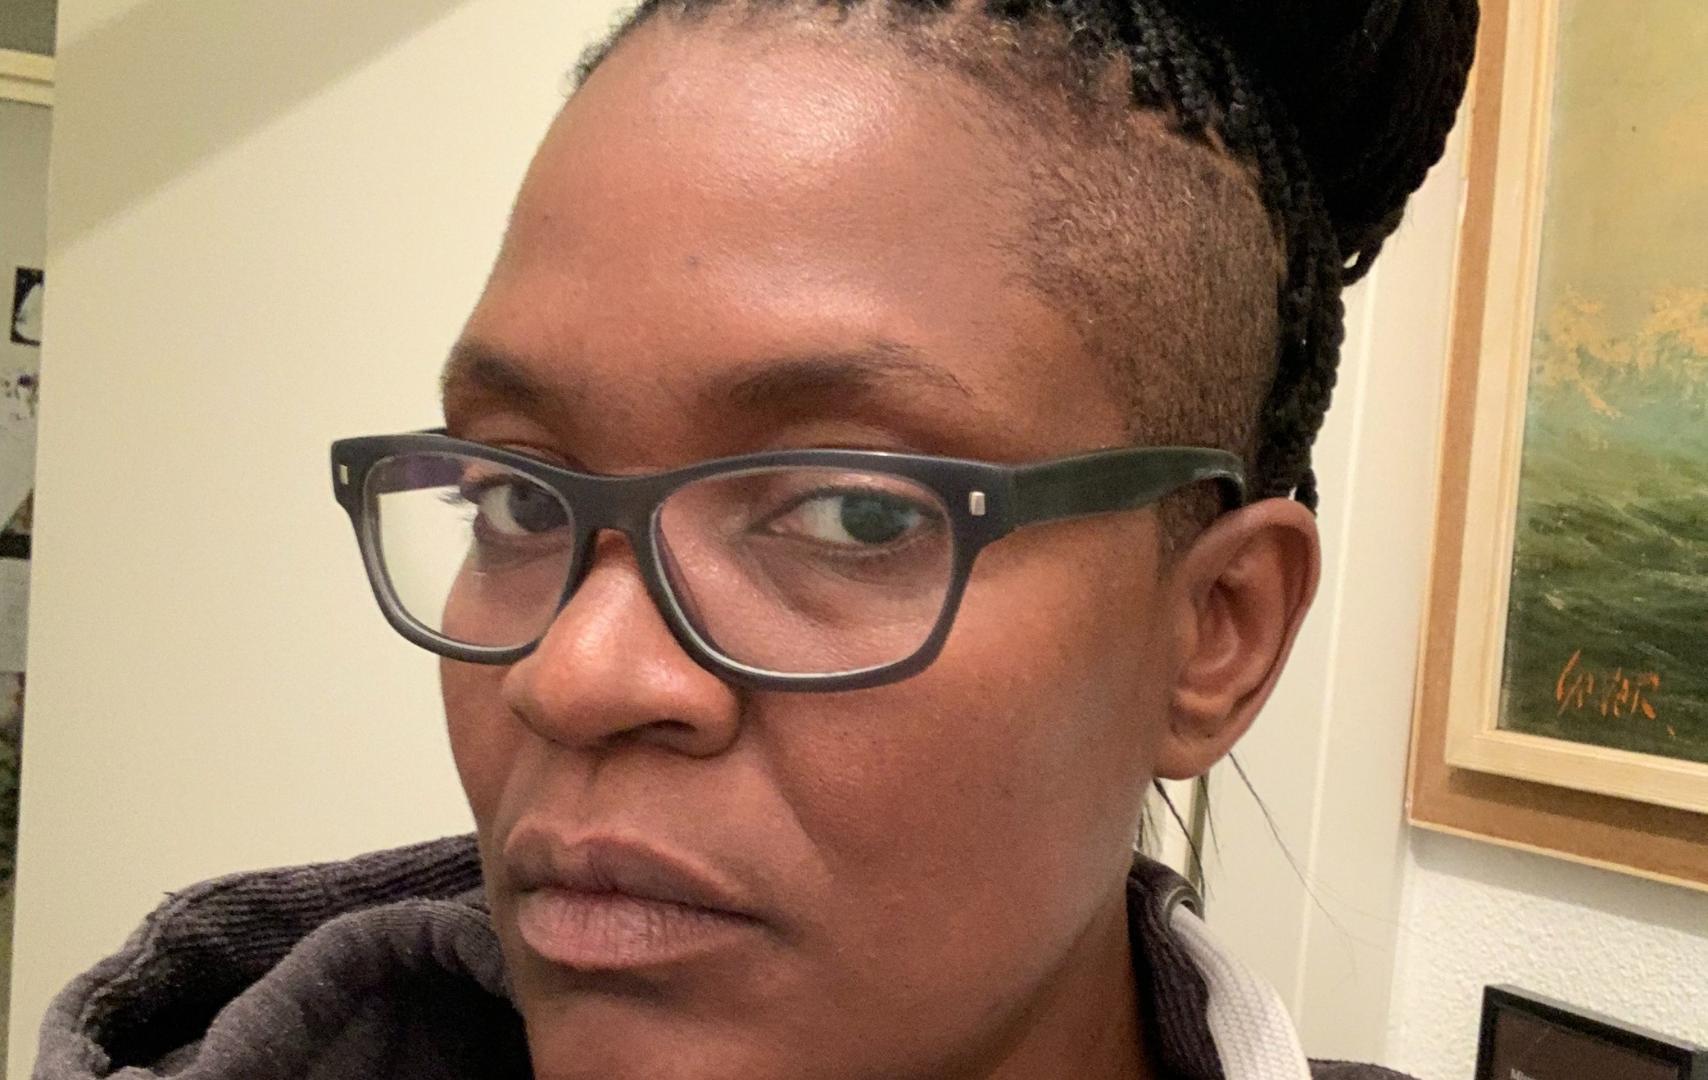 Foto van Romana Vrede. Zij is een zwarte vrouw en draagt een zwarte bril.